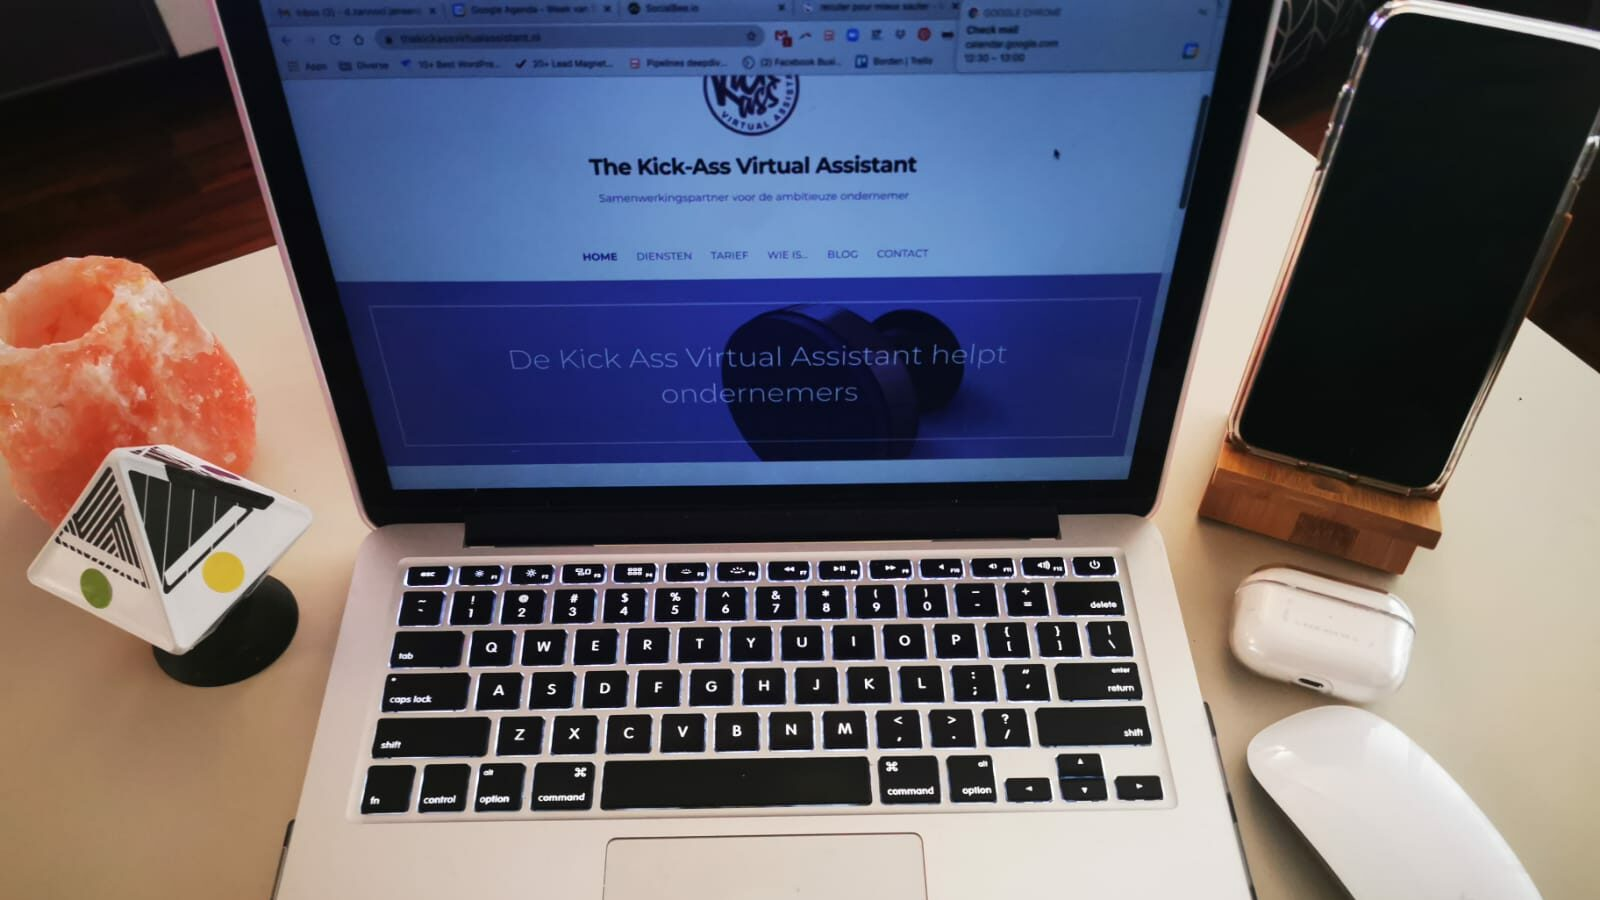 The Kick-Ass VA MacBook